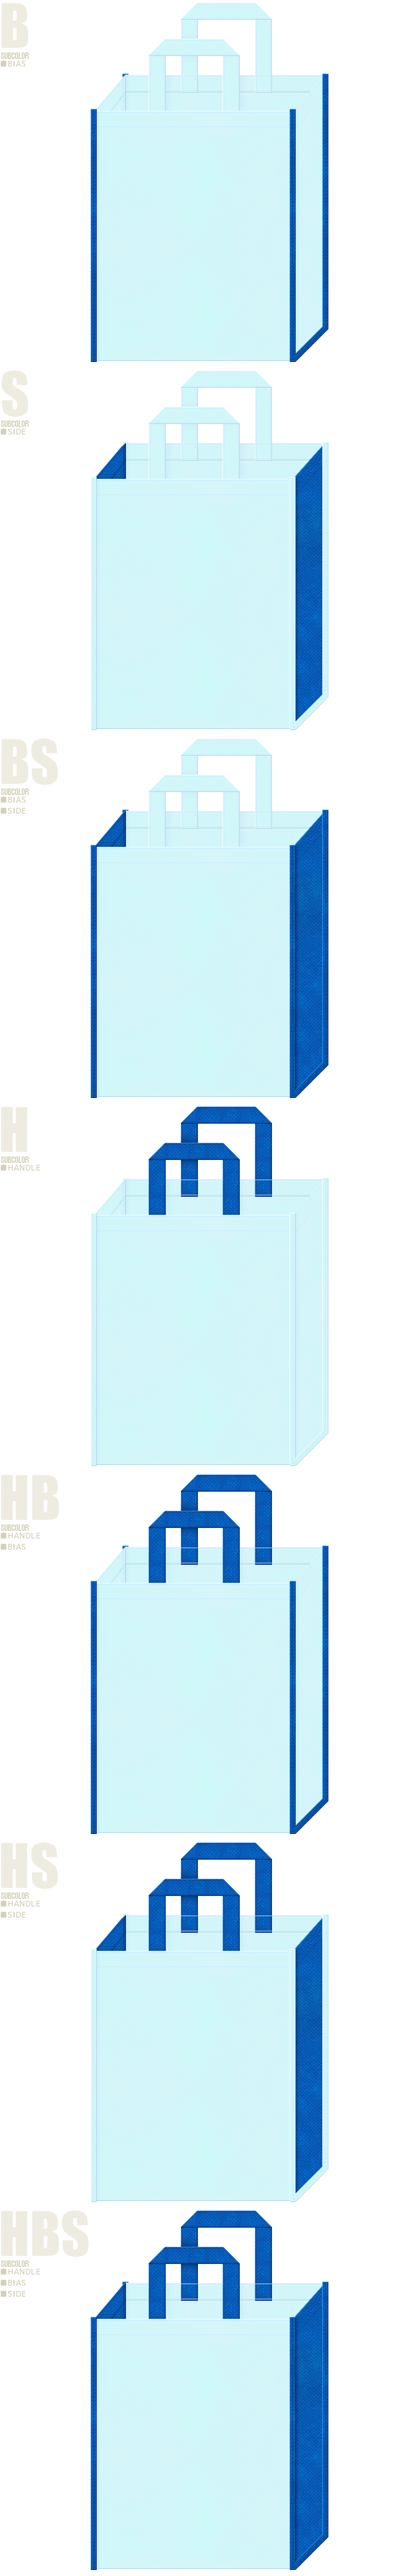 不織布トートバッグのデザイン例-不織布メインカラーNo.30+サブカラーNo.22の2色7パターン